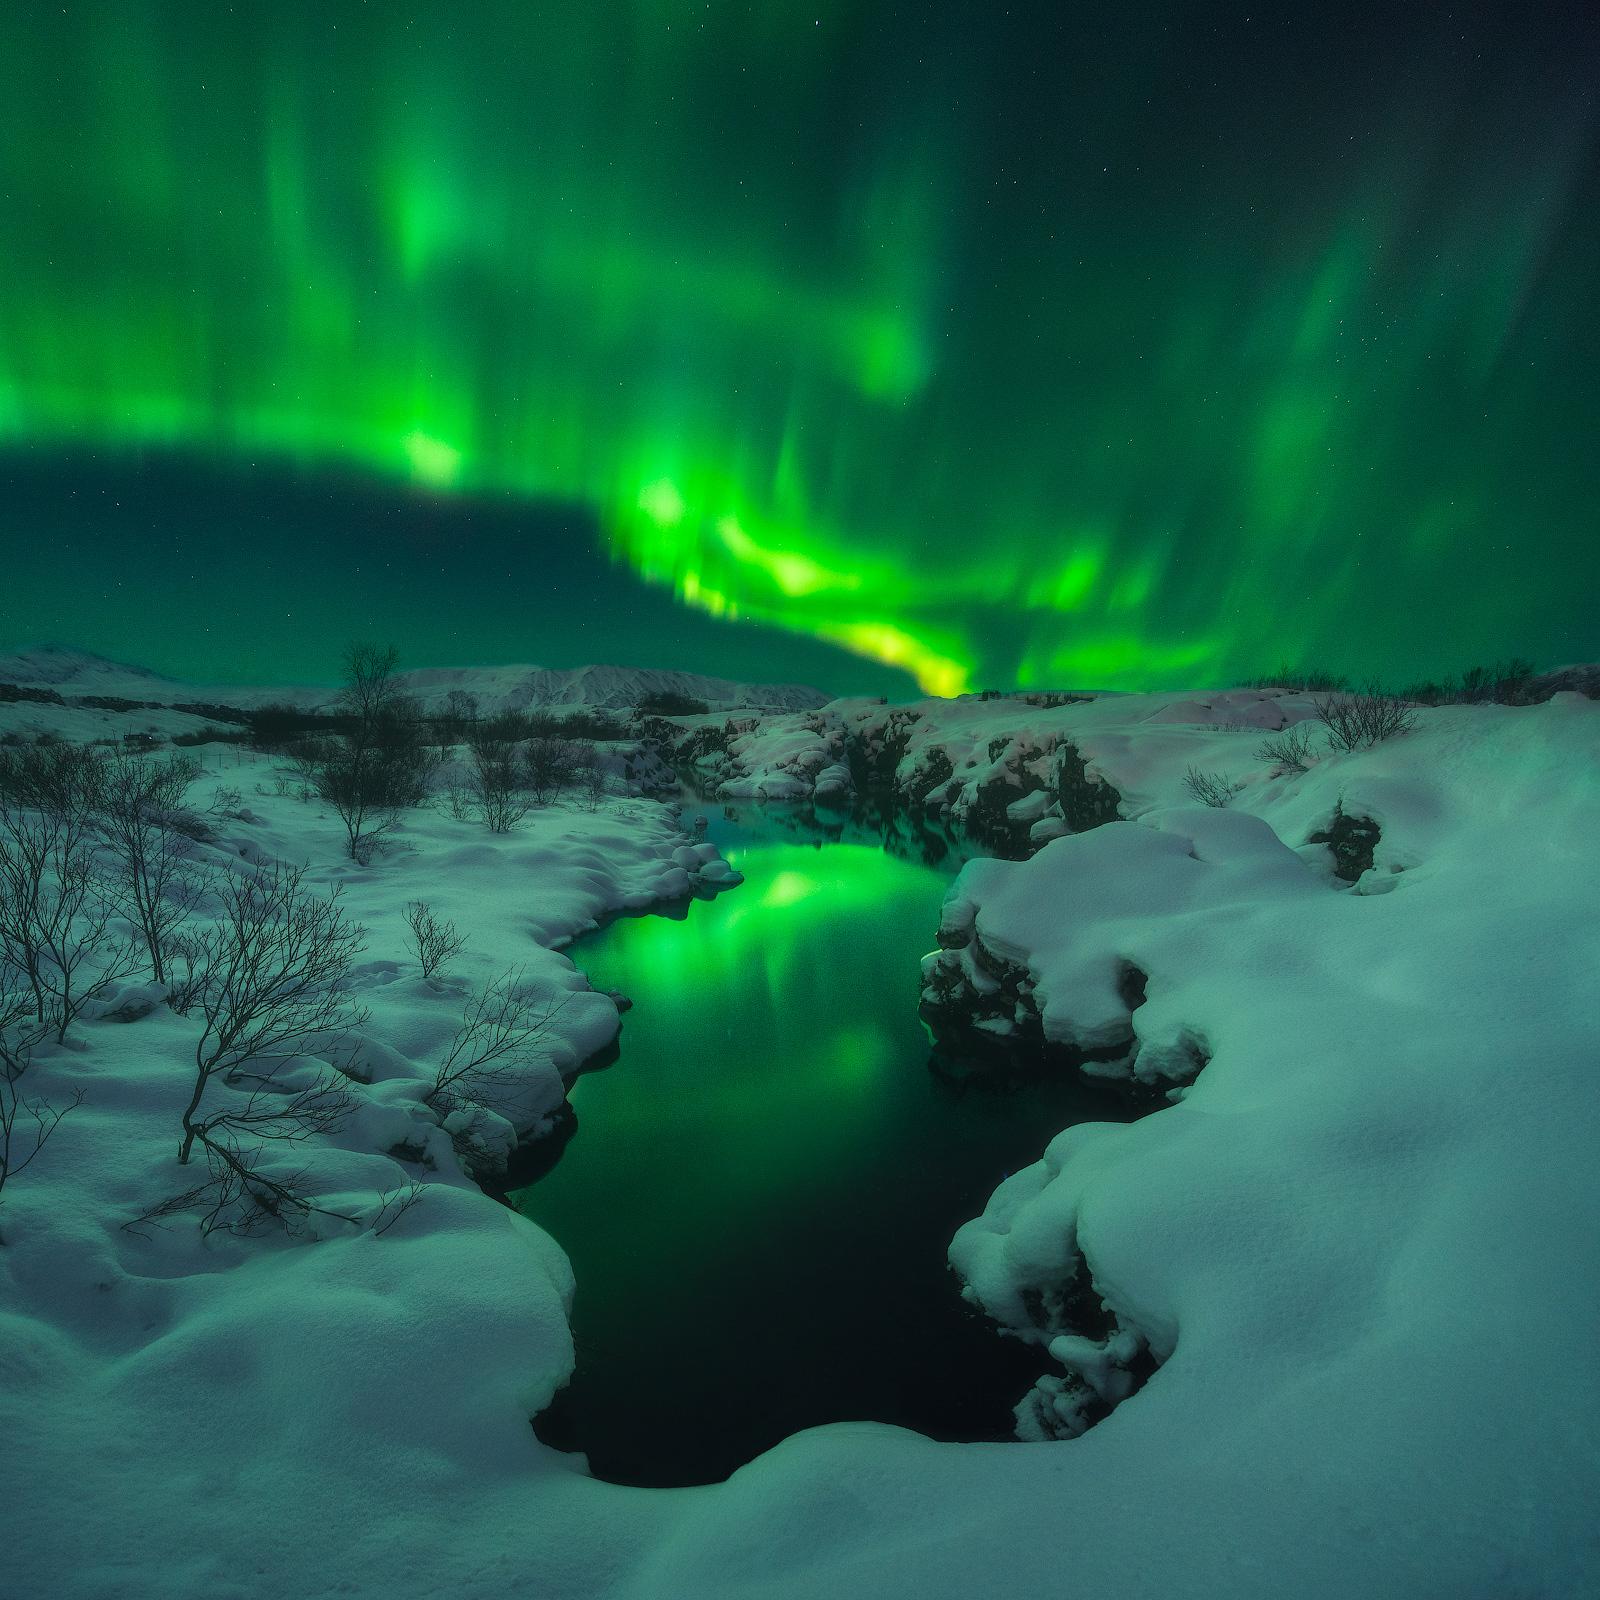 กว่าแปดวันที่คุณจะได้สัมผัสกับธรรมชาติที่ดีที่สุดของไอซ์แลนด์.